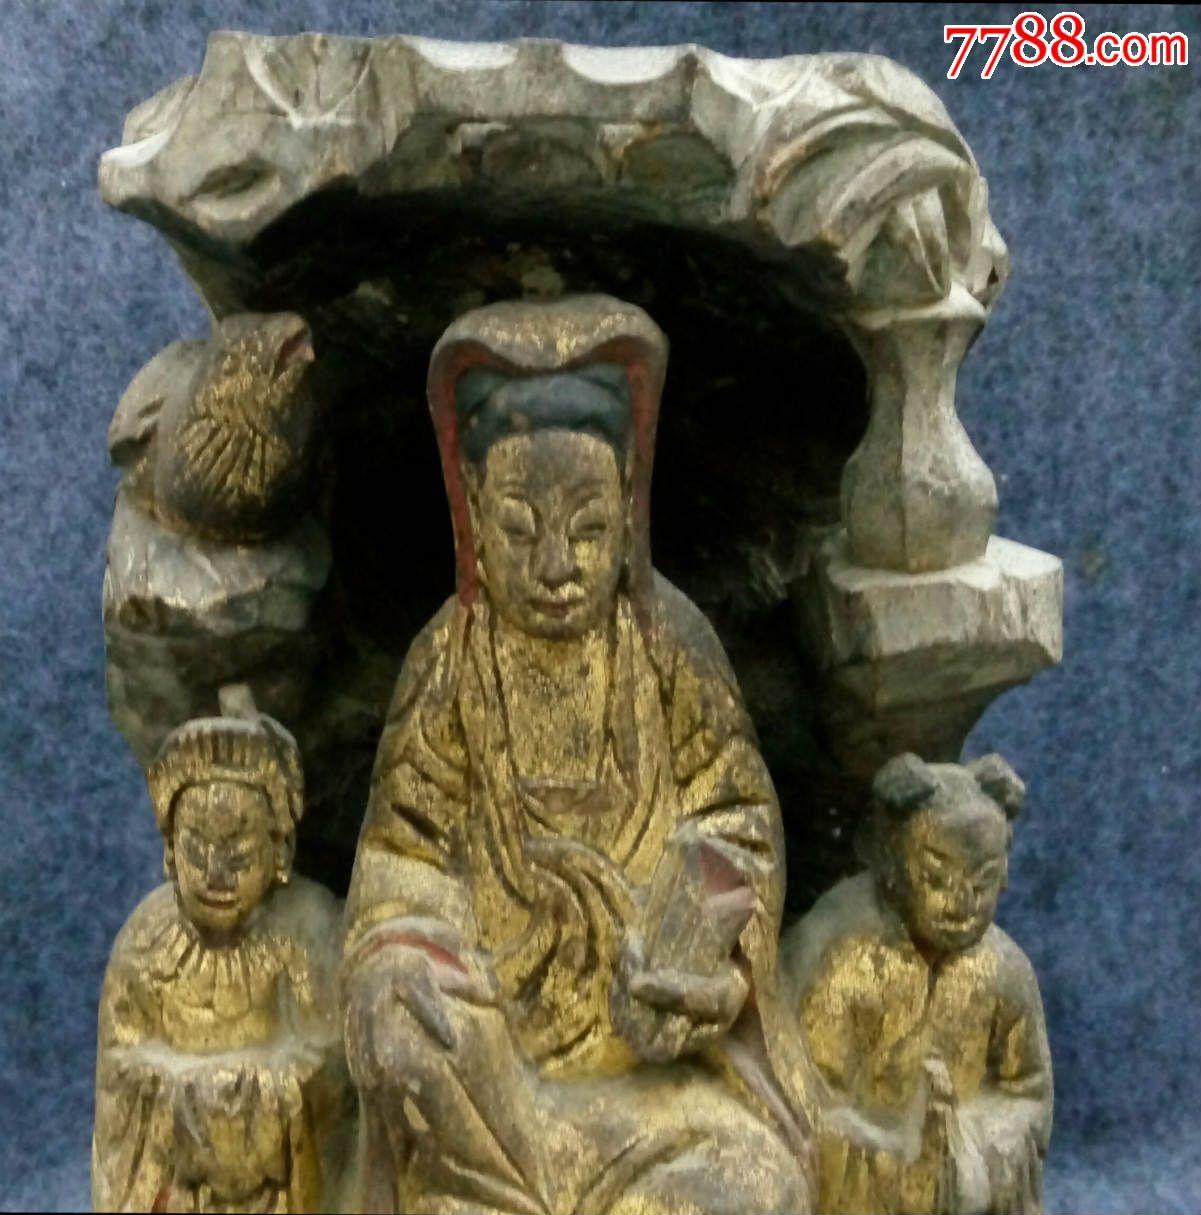 清代金漆木雕观音像_木佛像/人像_集古聚今【7788收藏